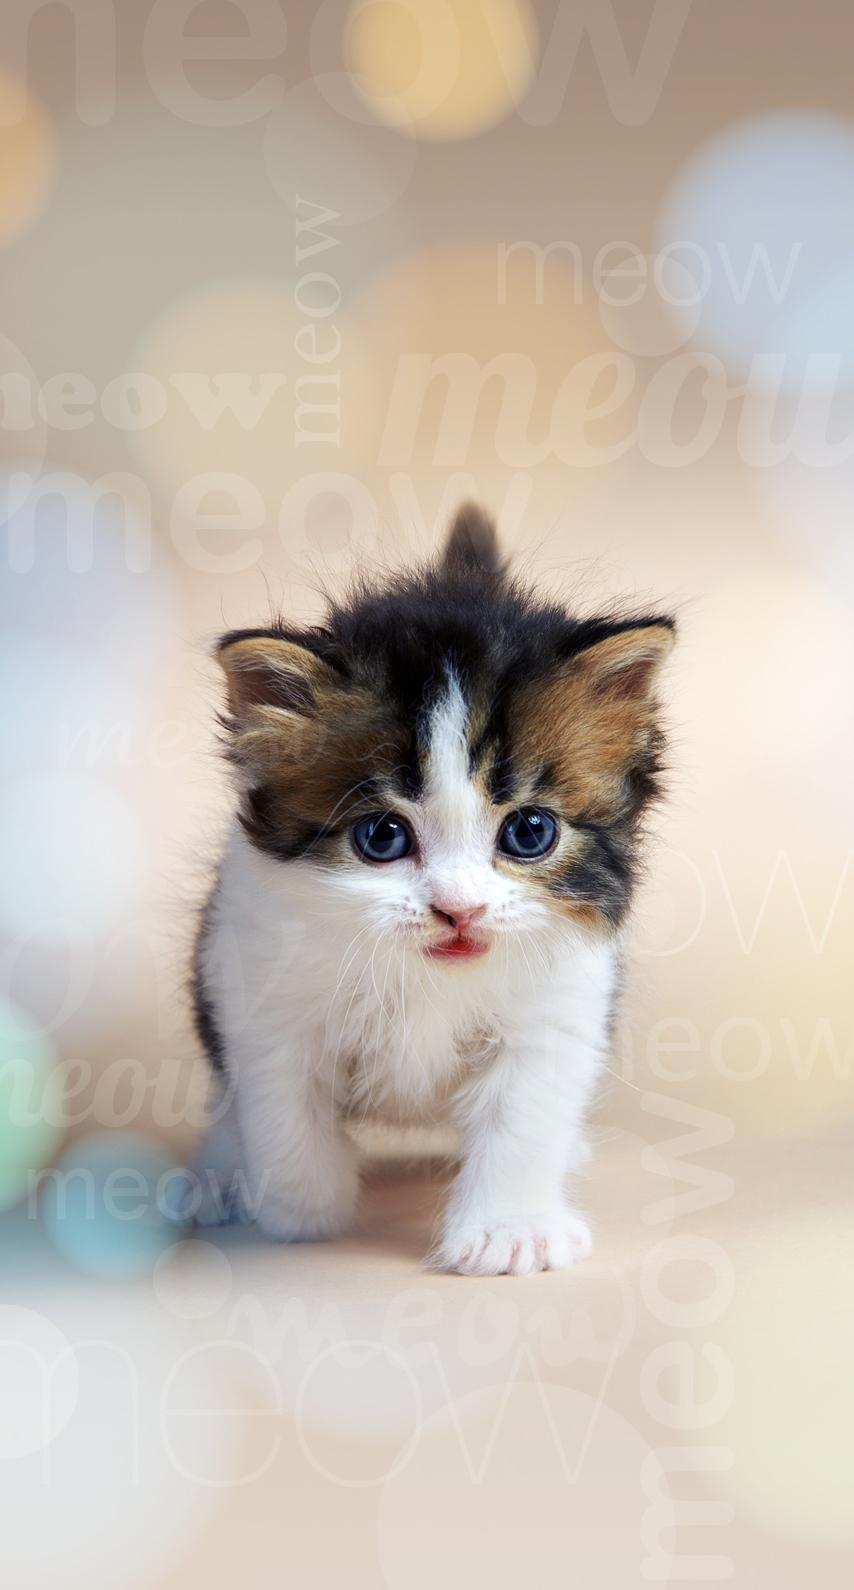 cat like mammal, small to medium sized cats